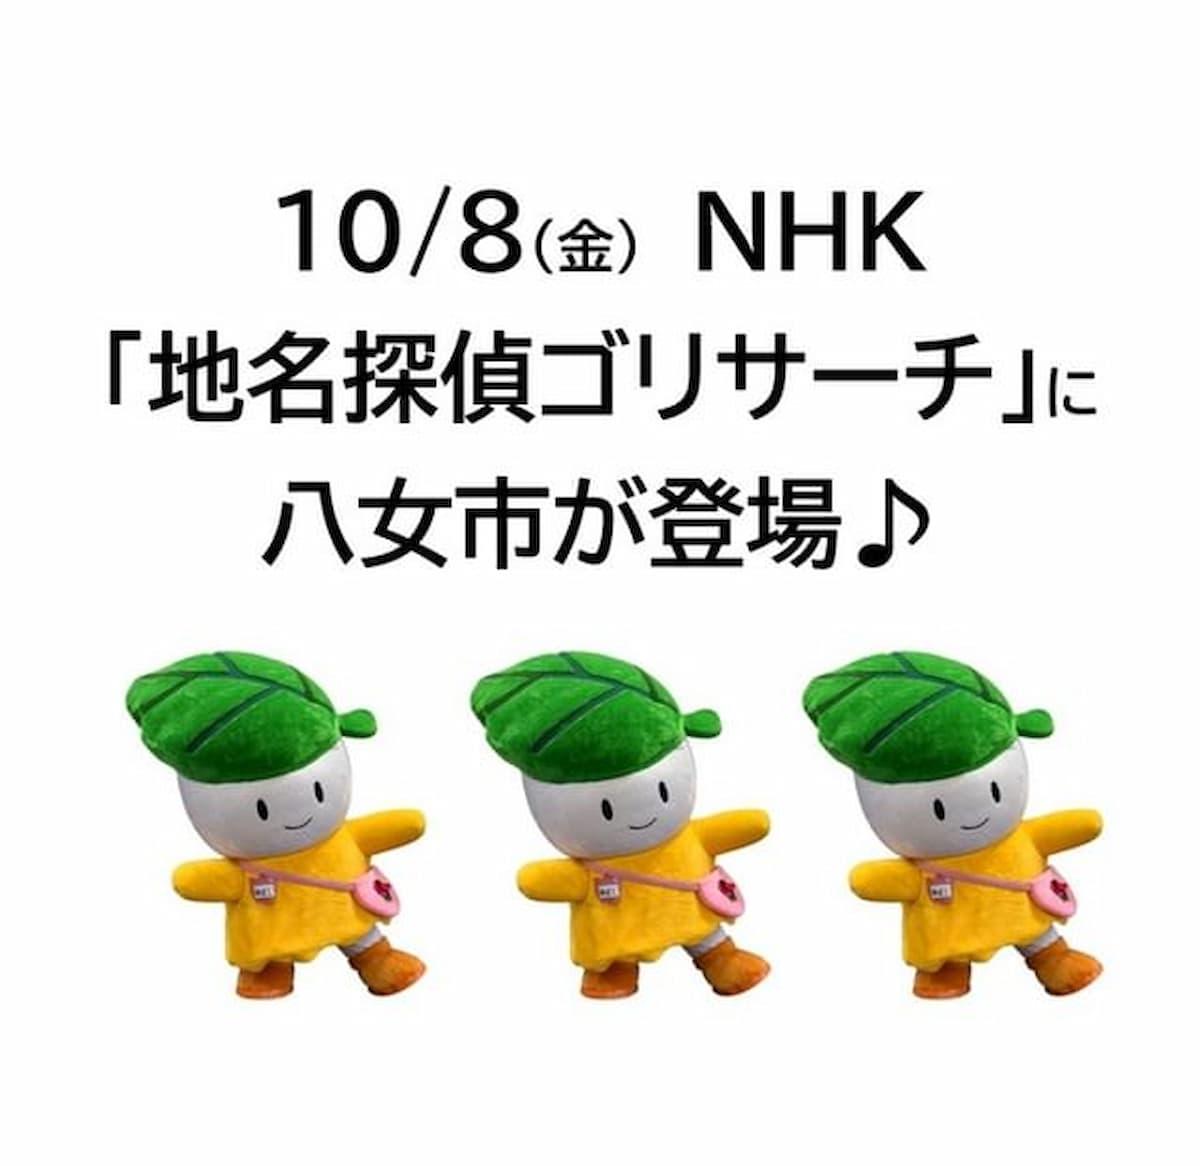 八女に伝わる伝統料理に隠された秘密とは?NHK「地名探偵ゴリサーチ」10月8日放送